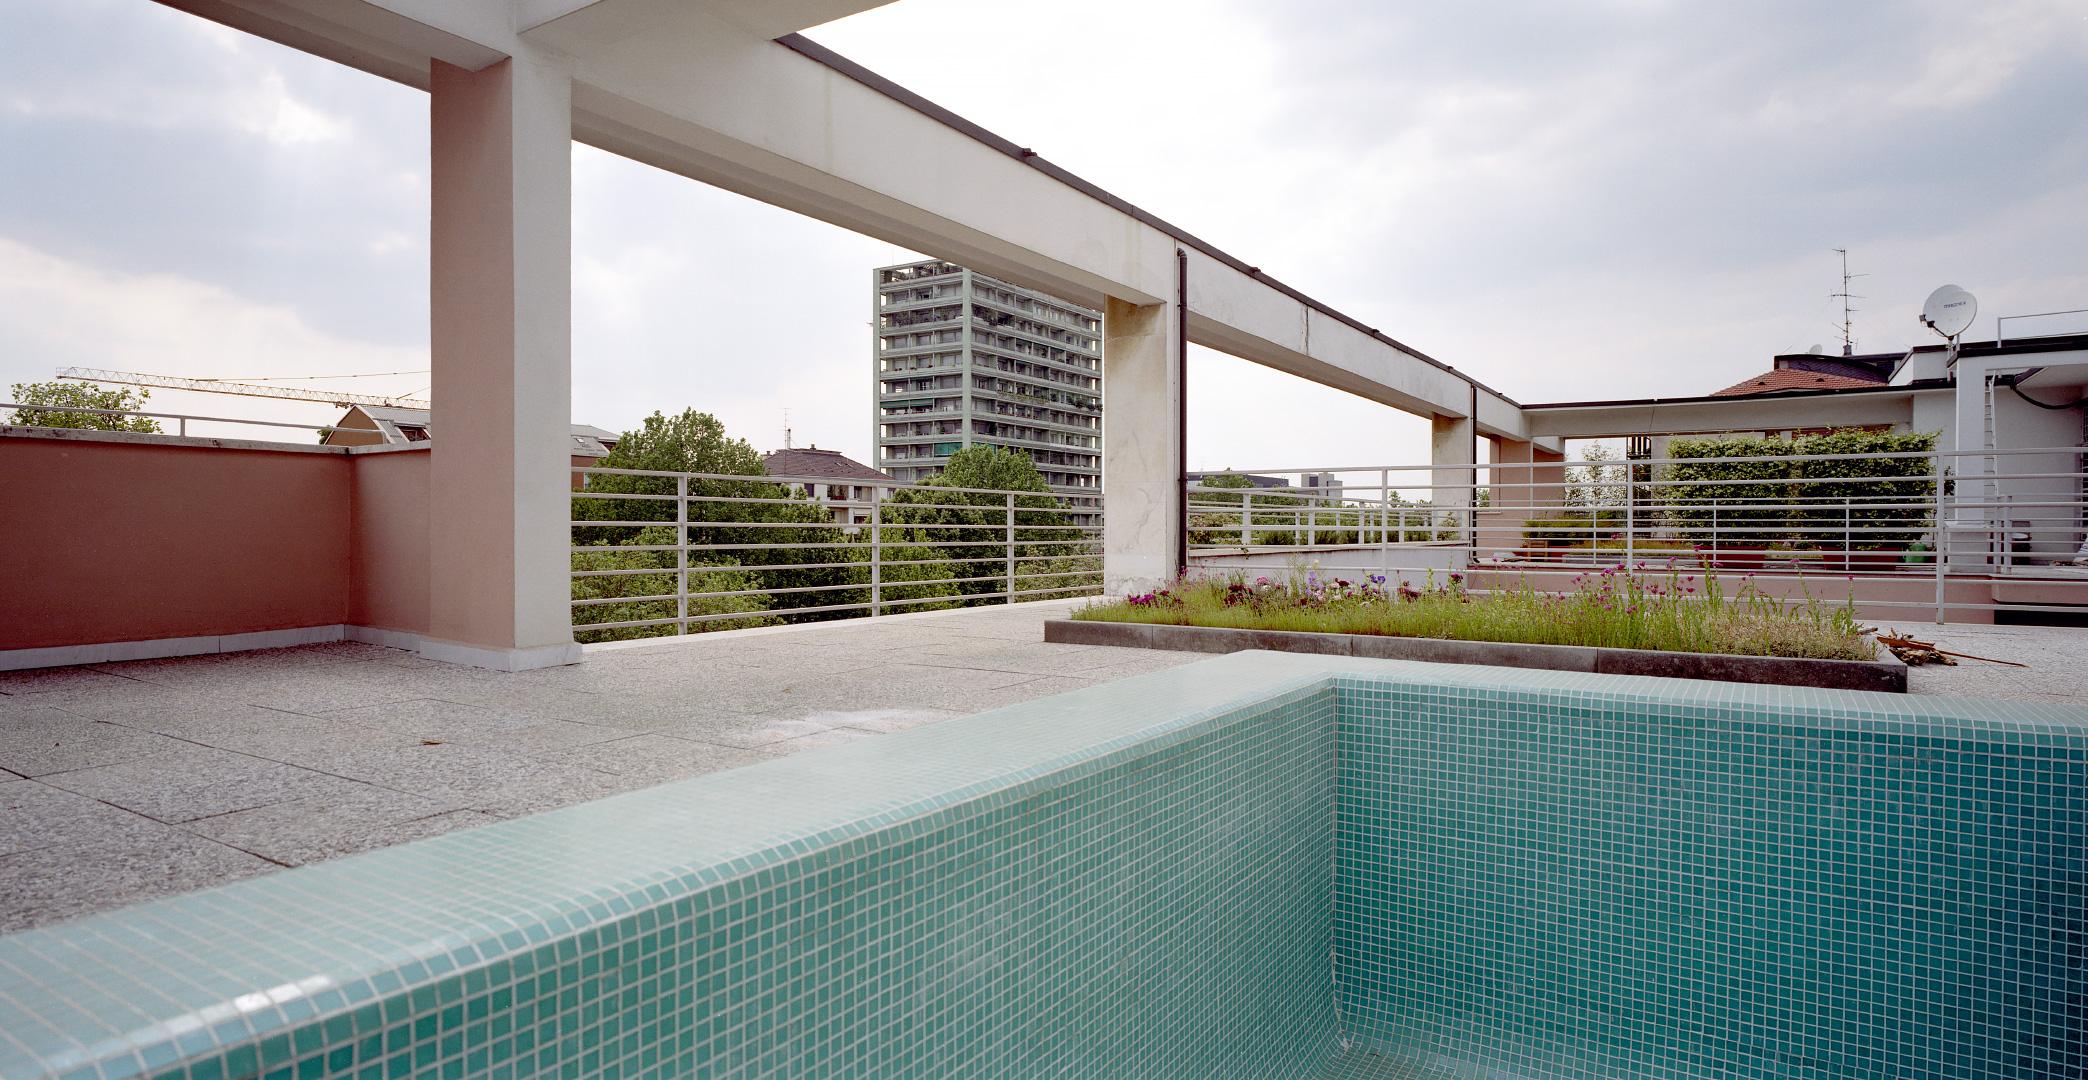 casa-rustici-milano_25_Terragni-Milano-Casa-Rustici-5340-1